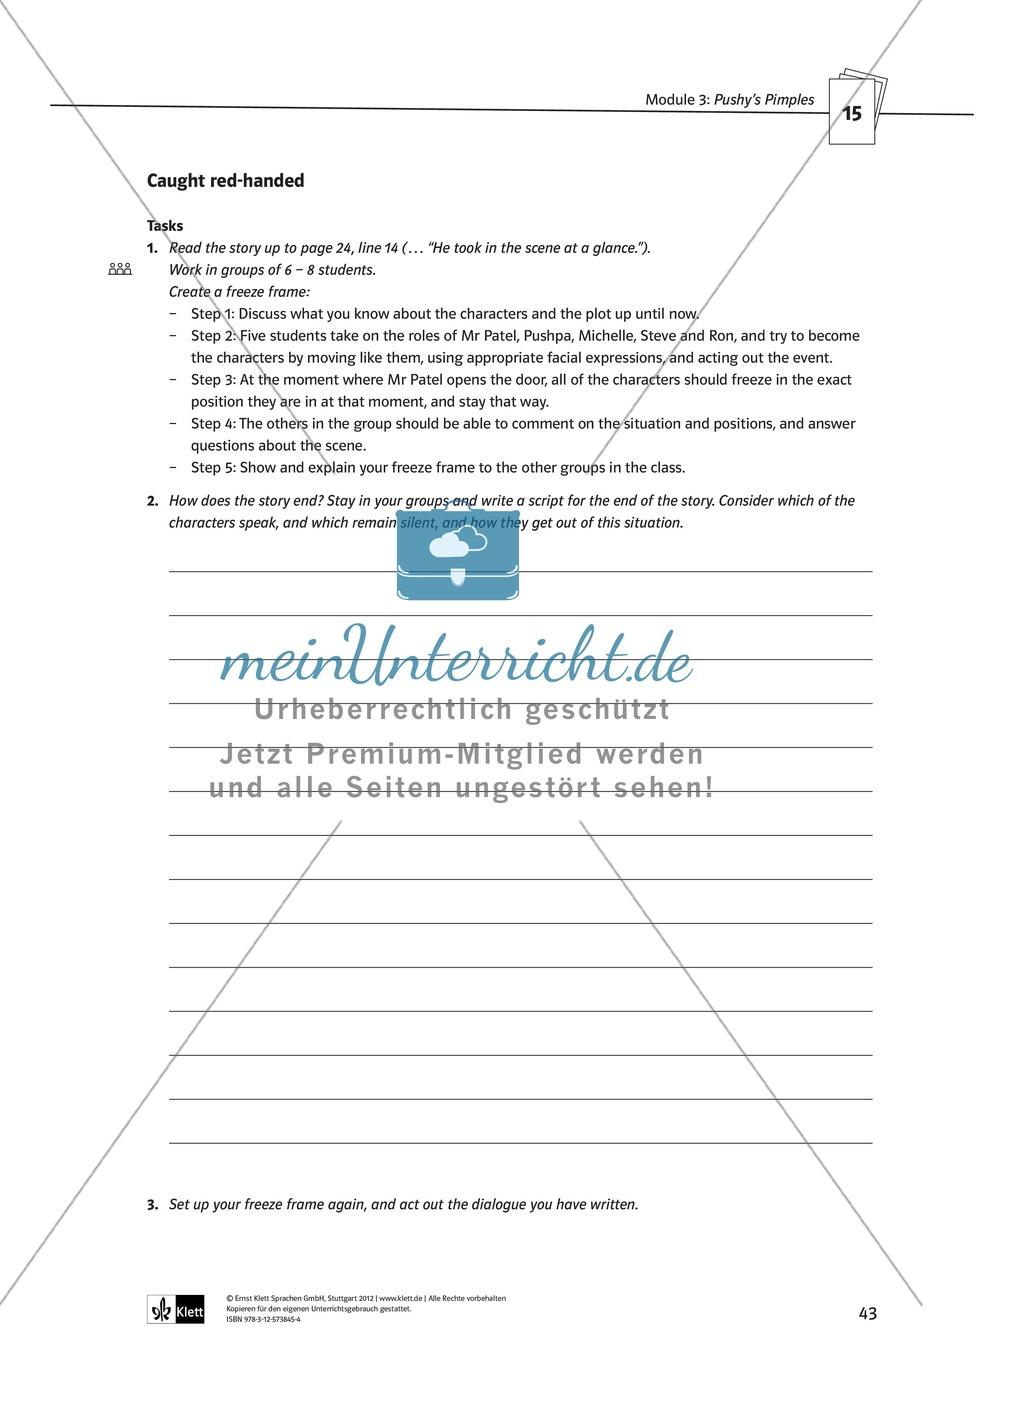 Pushy's Pimples: Zusammenfassung + Aufgaben + Arbeitsblätter Preview 16